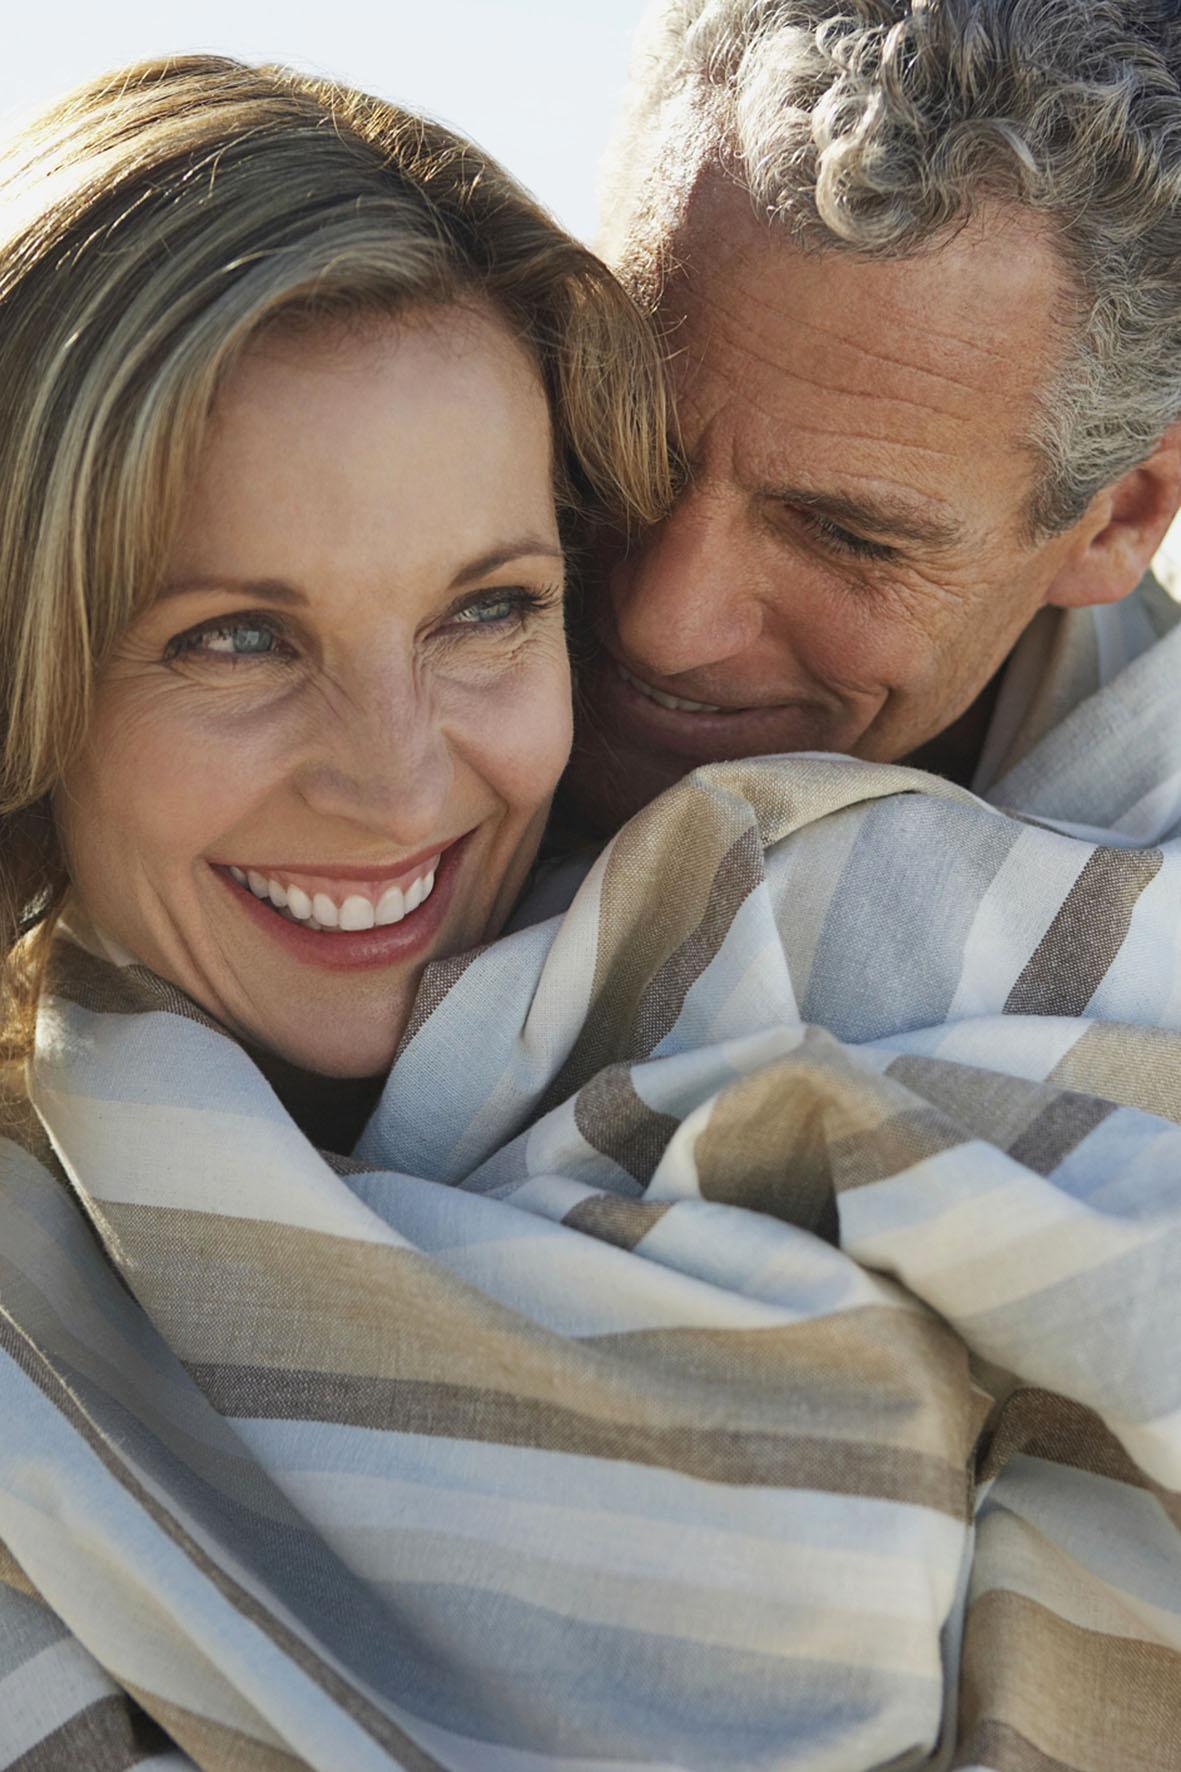 Auch nach den Wechseljahren gesund bleiben und das Leben genießen - die Hormone spielen hierbei eine wichtige Rolle.